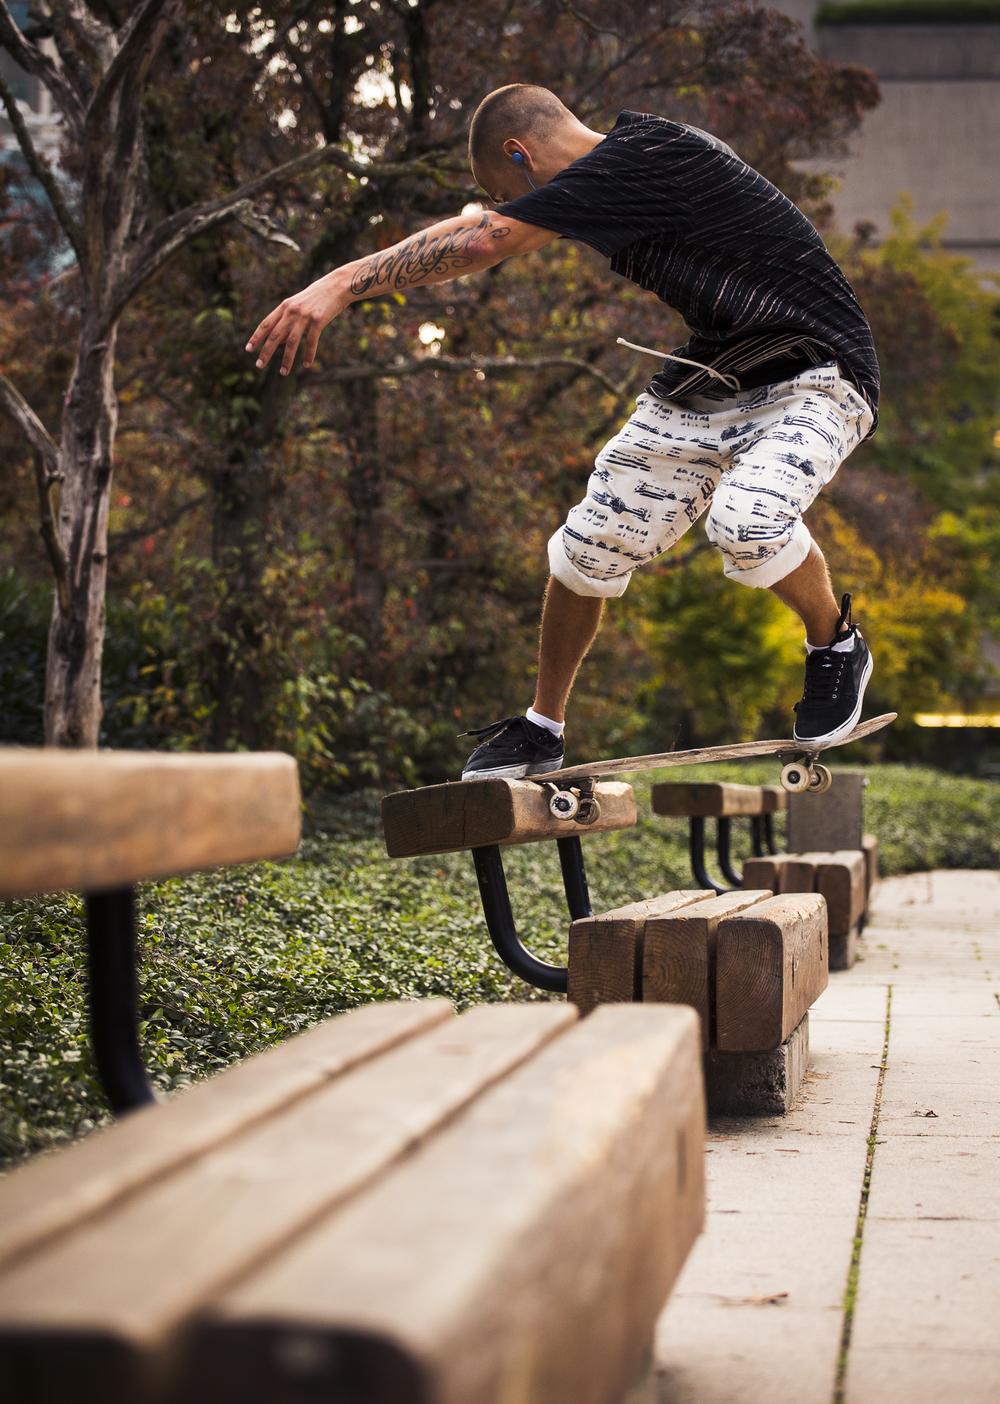 Action_KyleGibsonPhotography-24.jpg